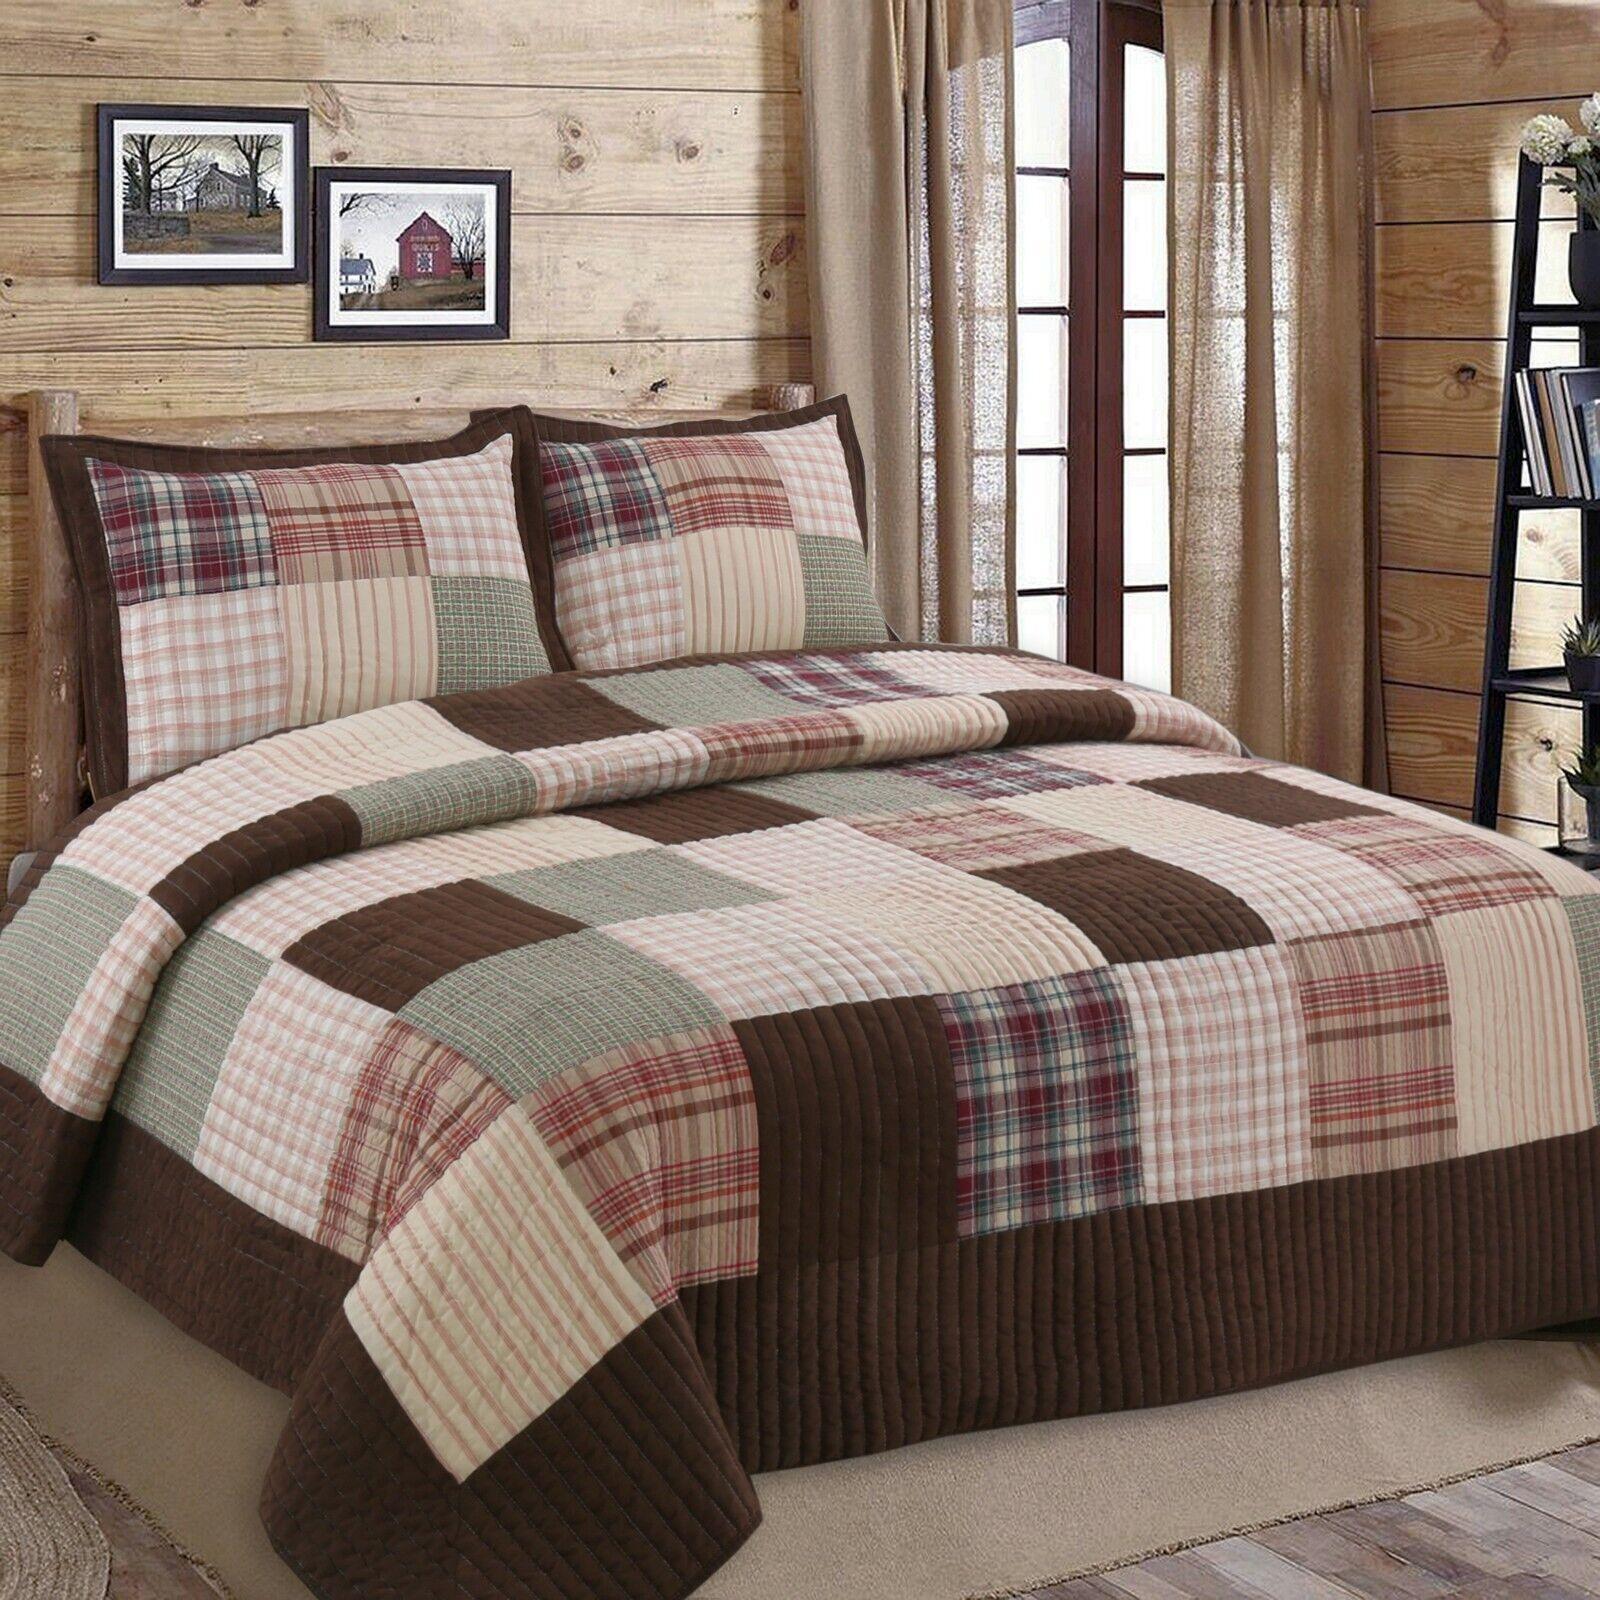 Jakob Plaid Real Patchwork 100%Cotton Quilt Set, Bedspread,